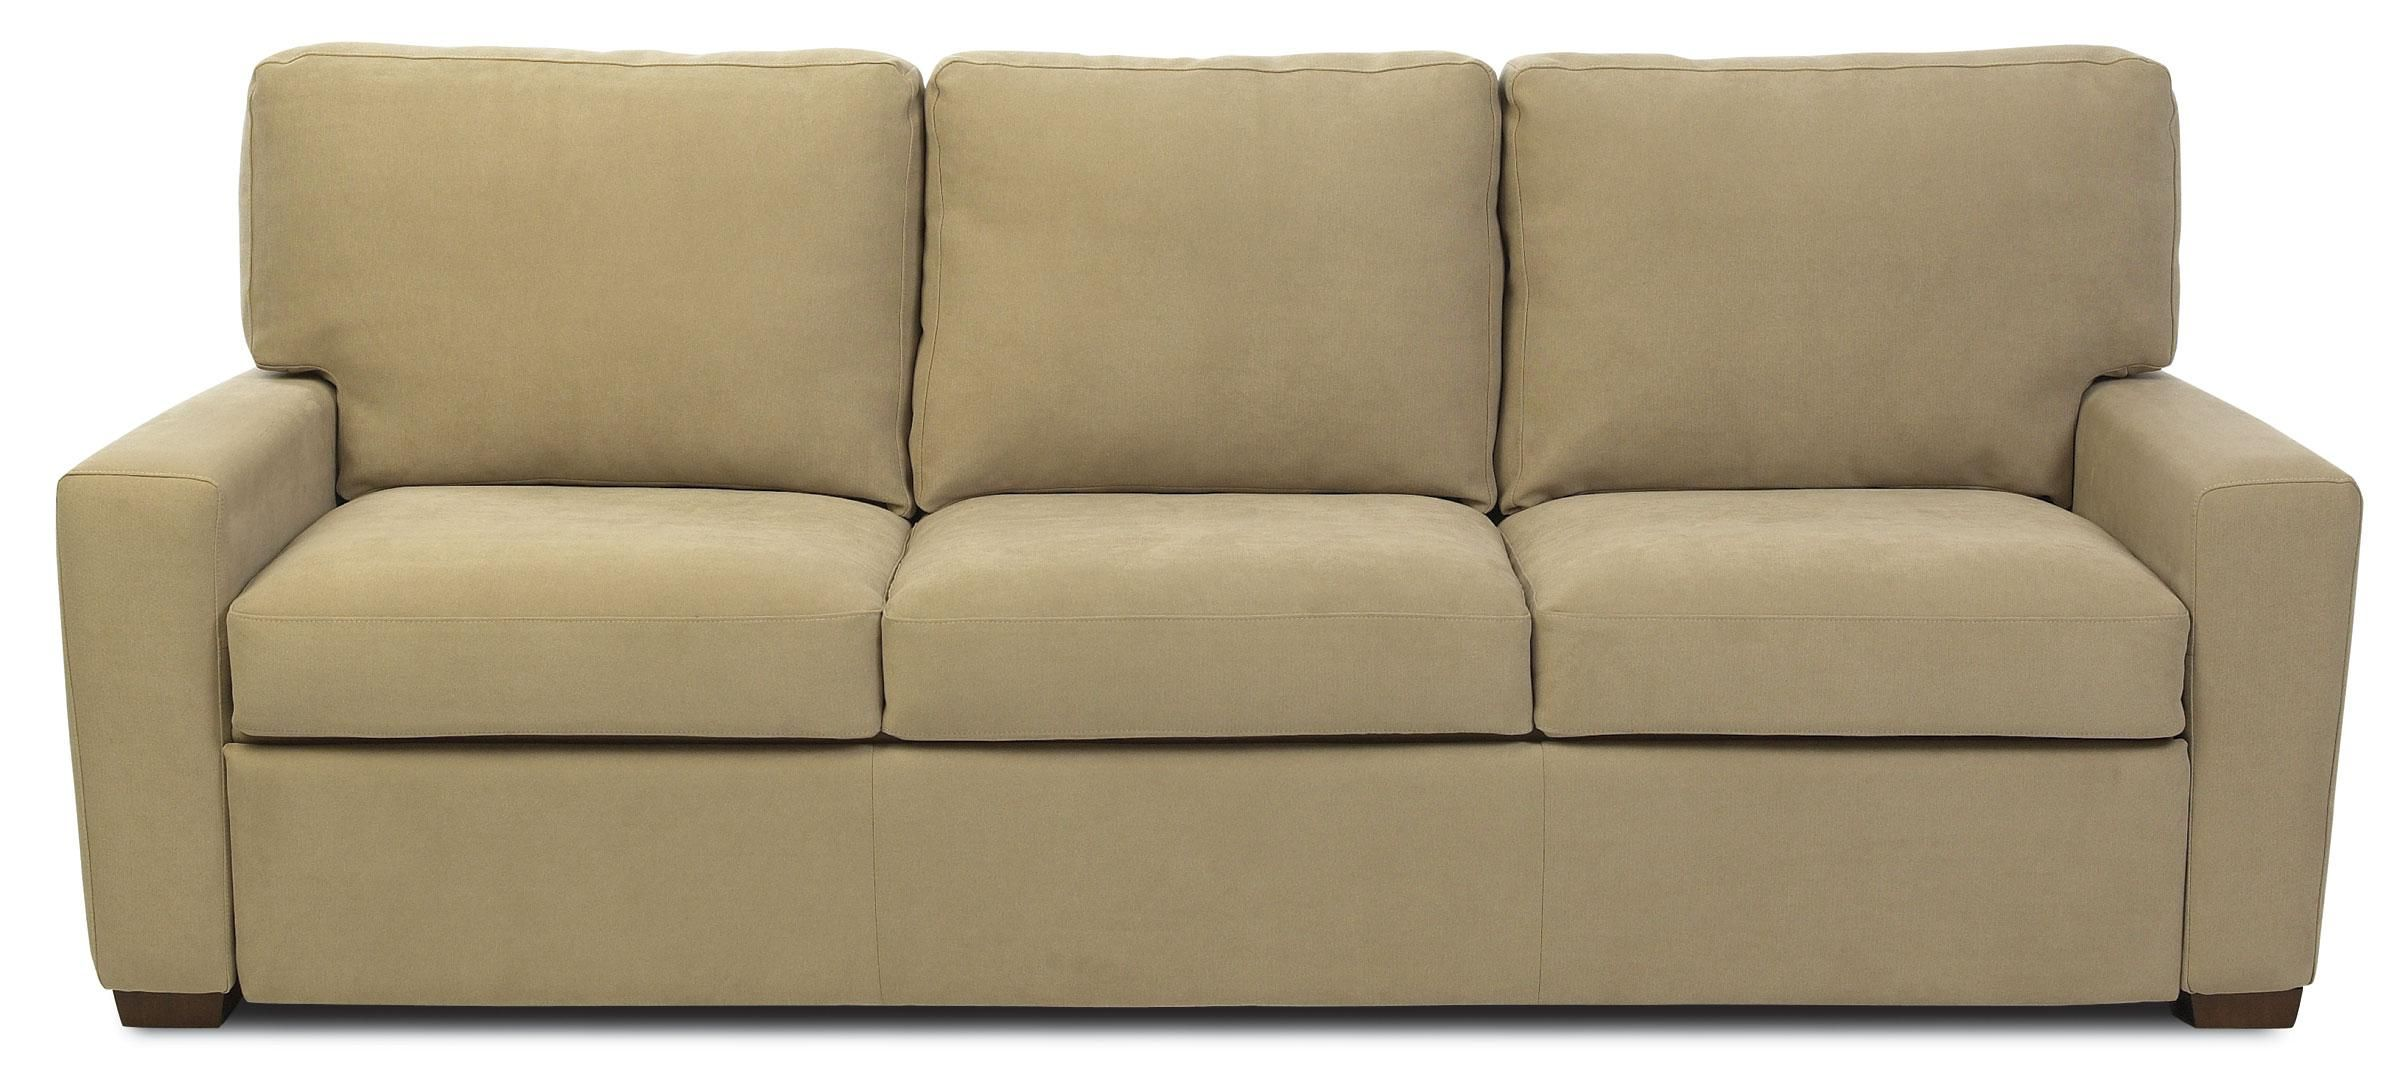 Comfort Sleeper Oakleigh Queen Plus Sofa Sleeper by